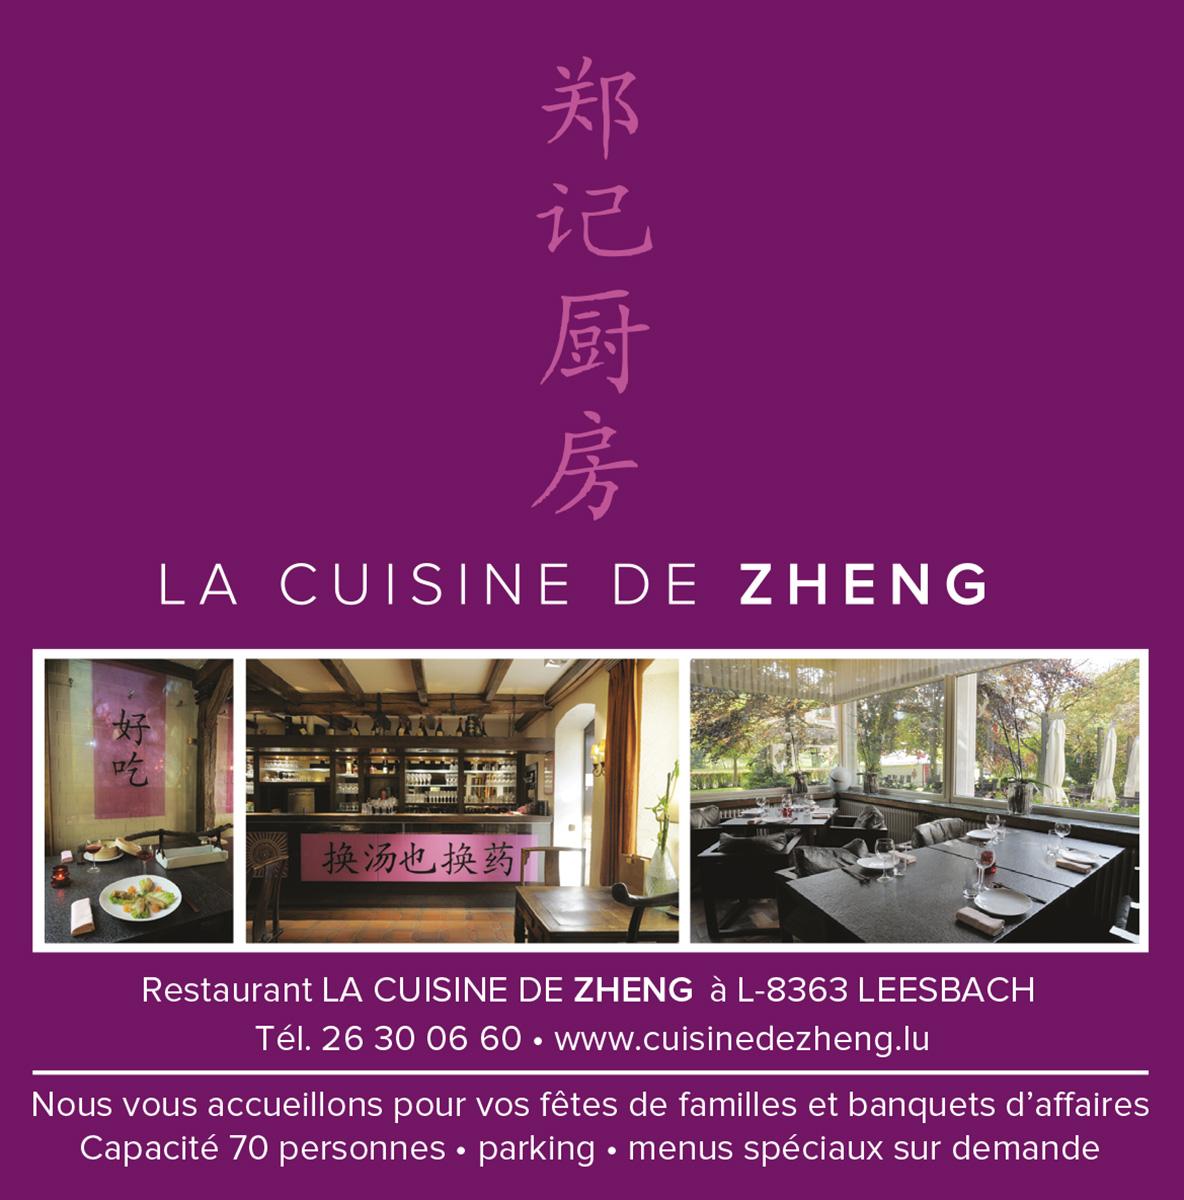 Annonce Cuisine de Zheng Banquets 2011